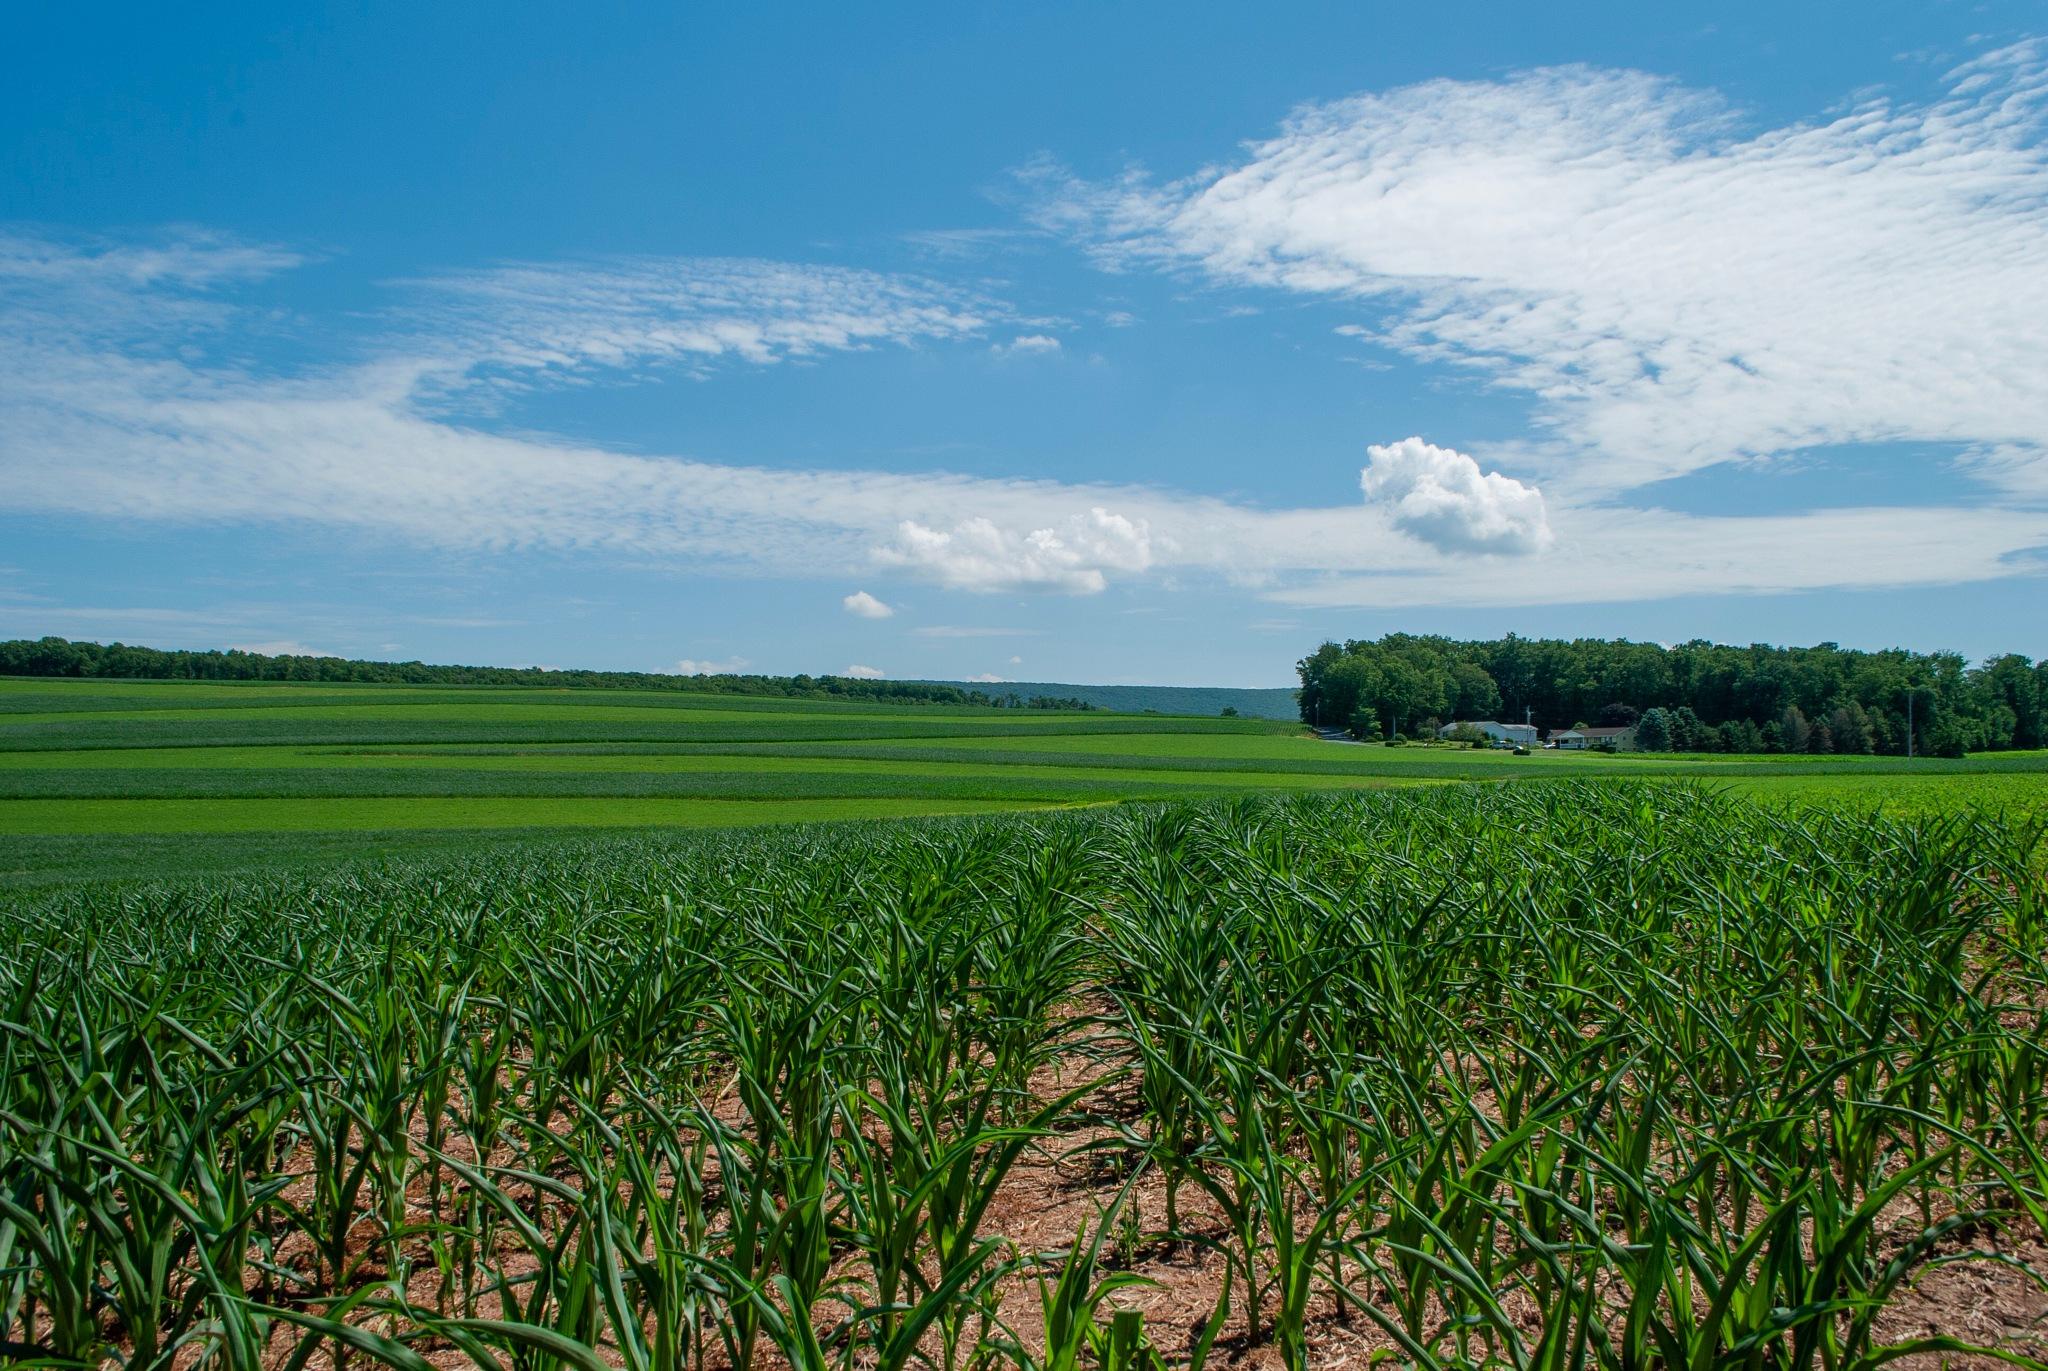 Farmin' Fields by Belinda Long